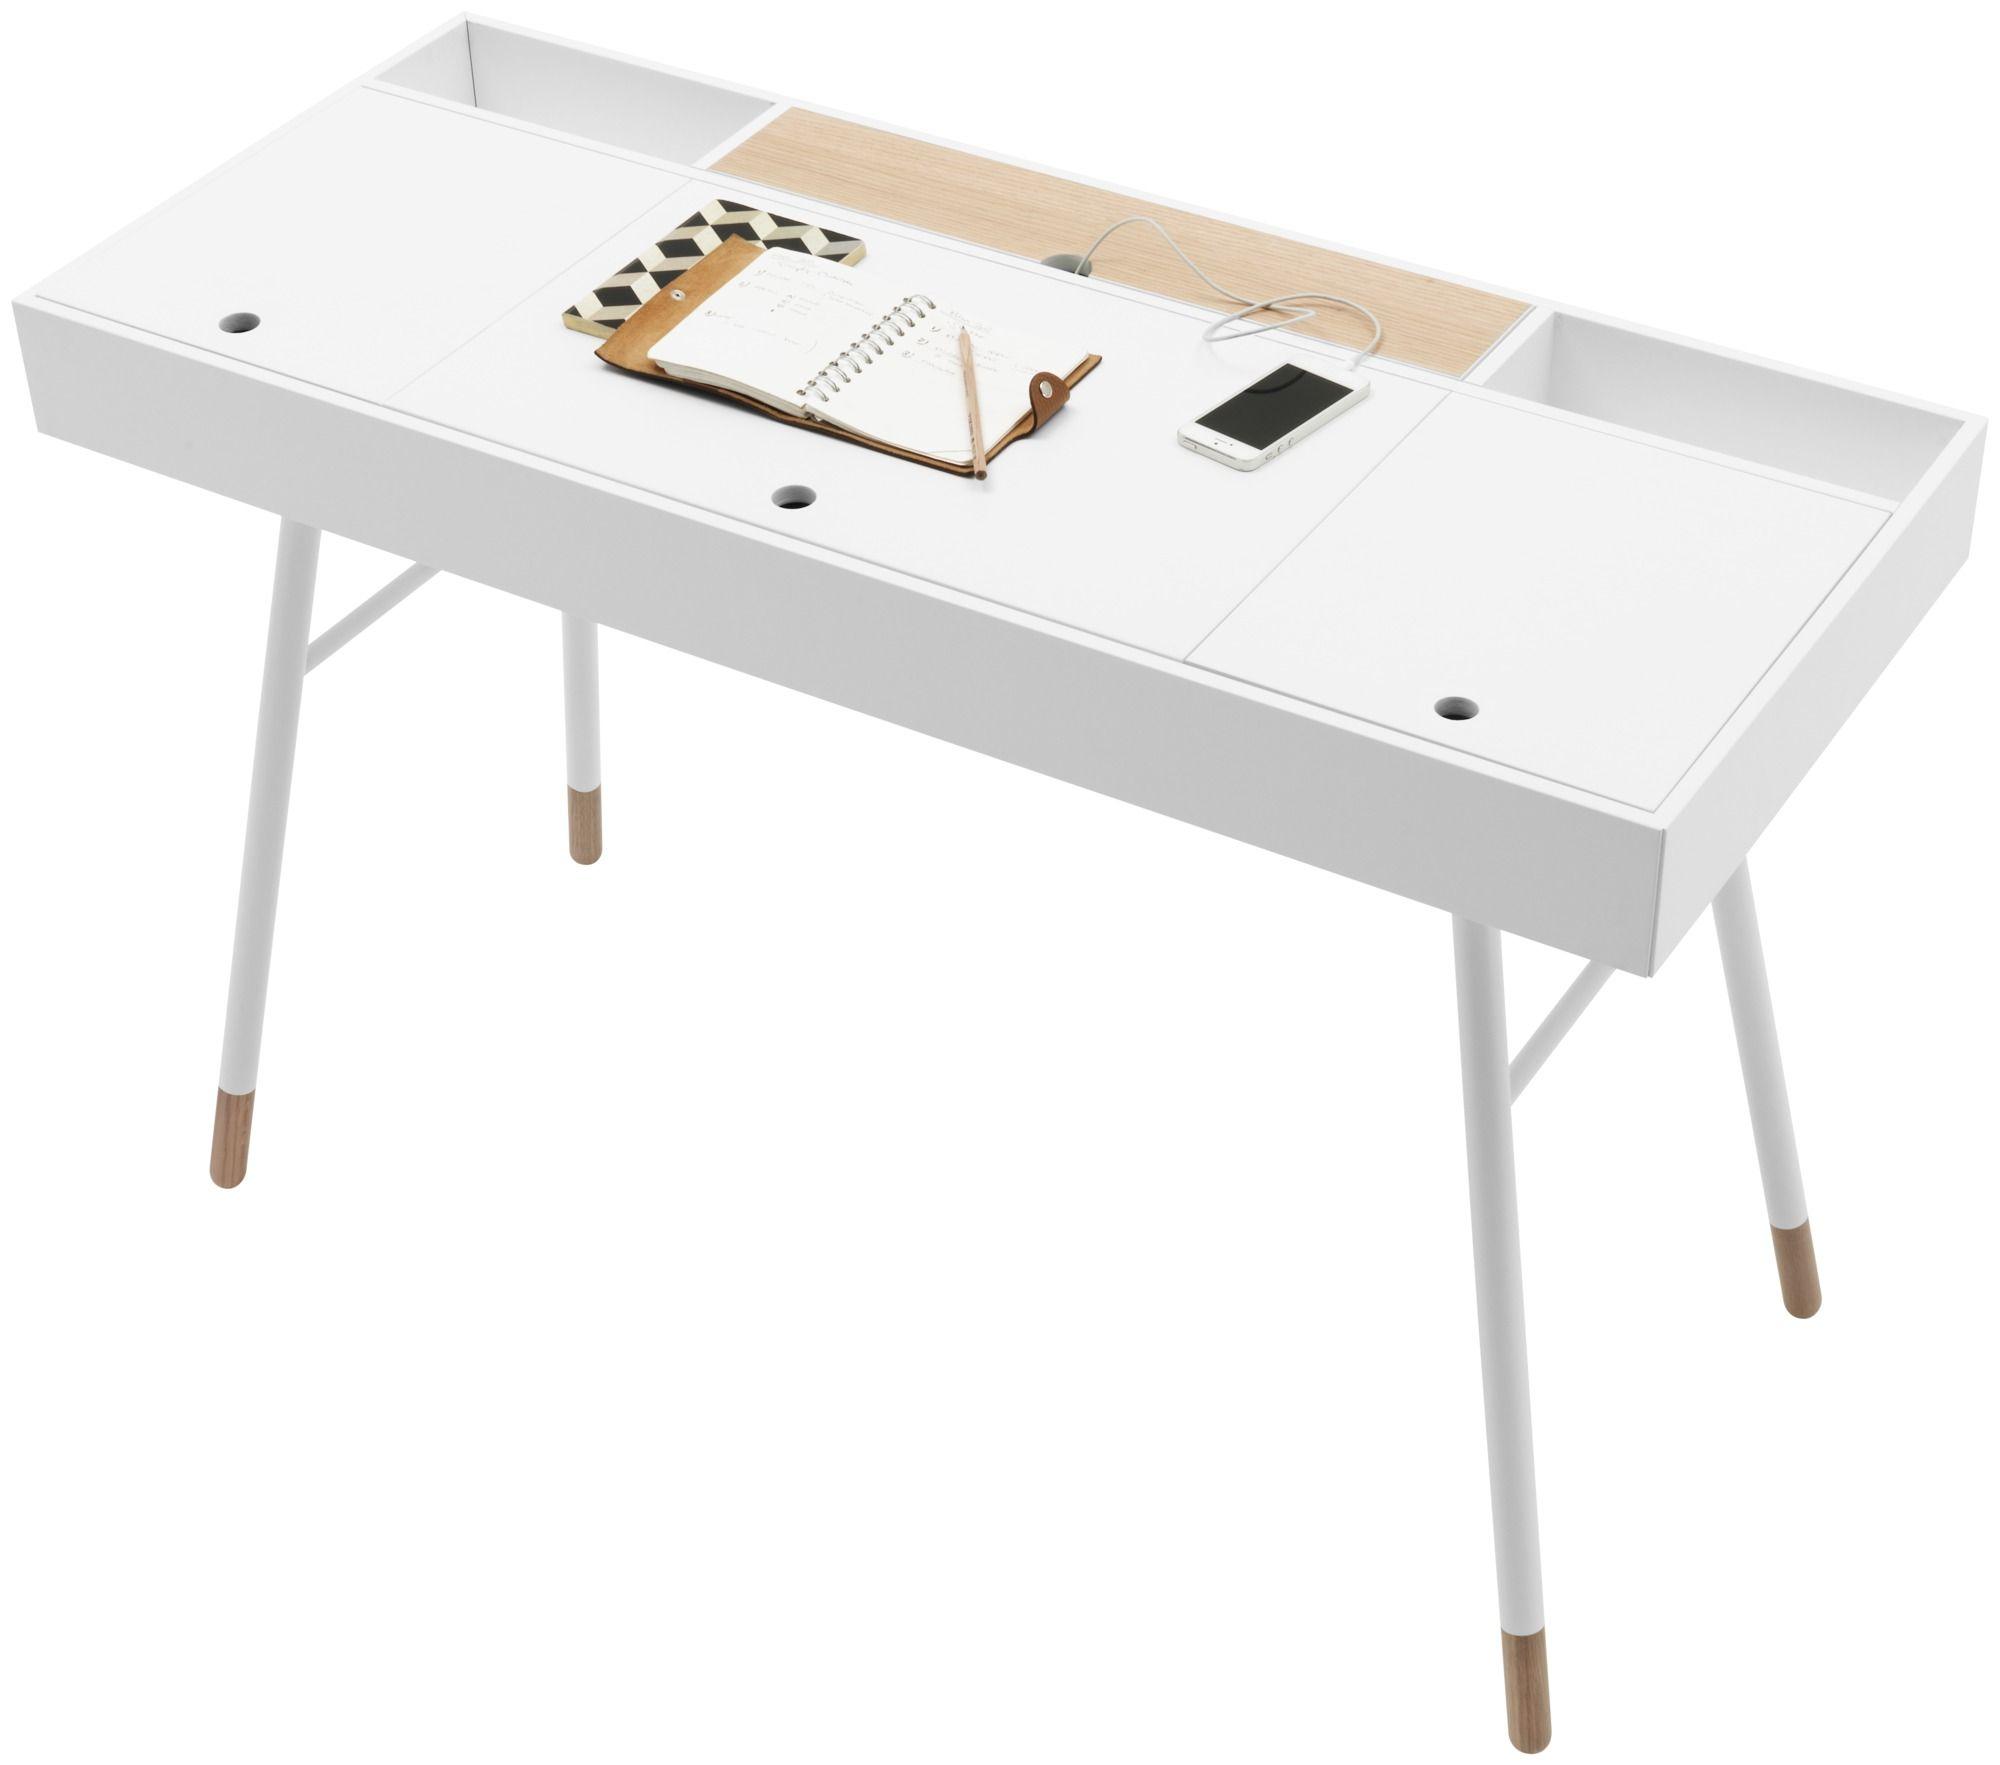 skrivbord och stolar till hemmakontoret inspo pinterest skrivbord och stolar. Black Bedroom Furniture Sets. Home Design Ideas